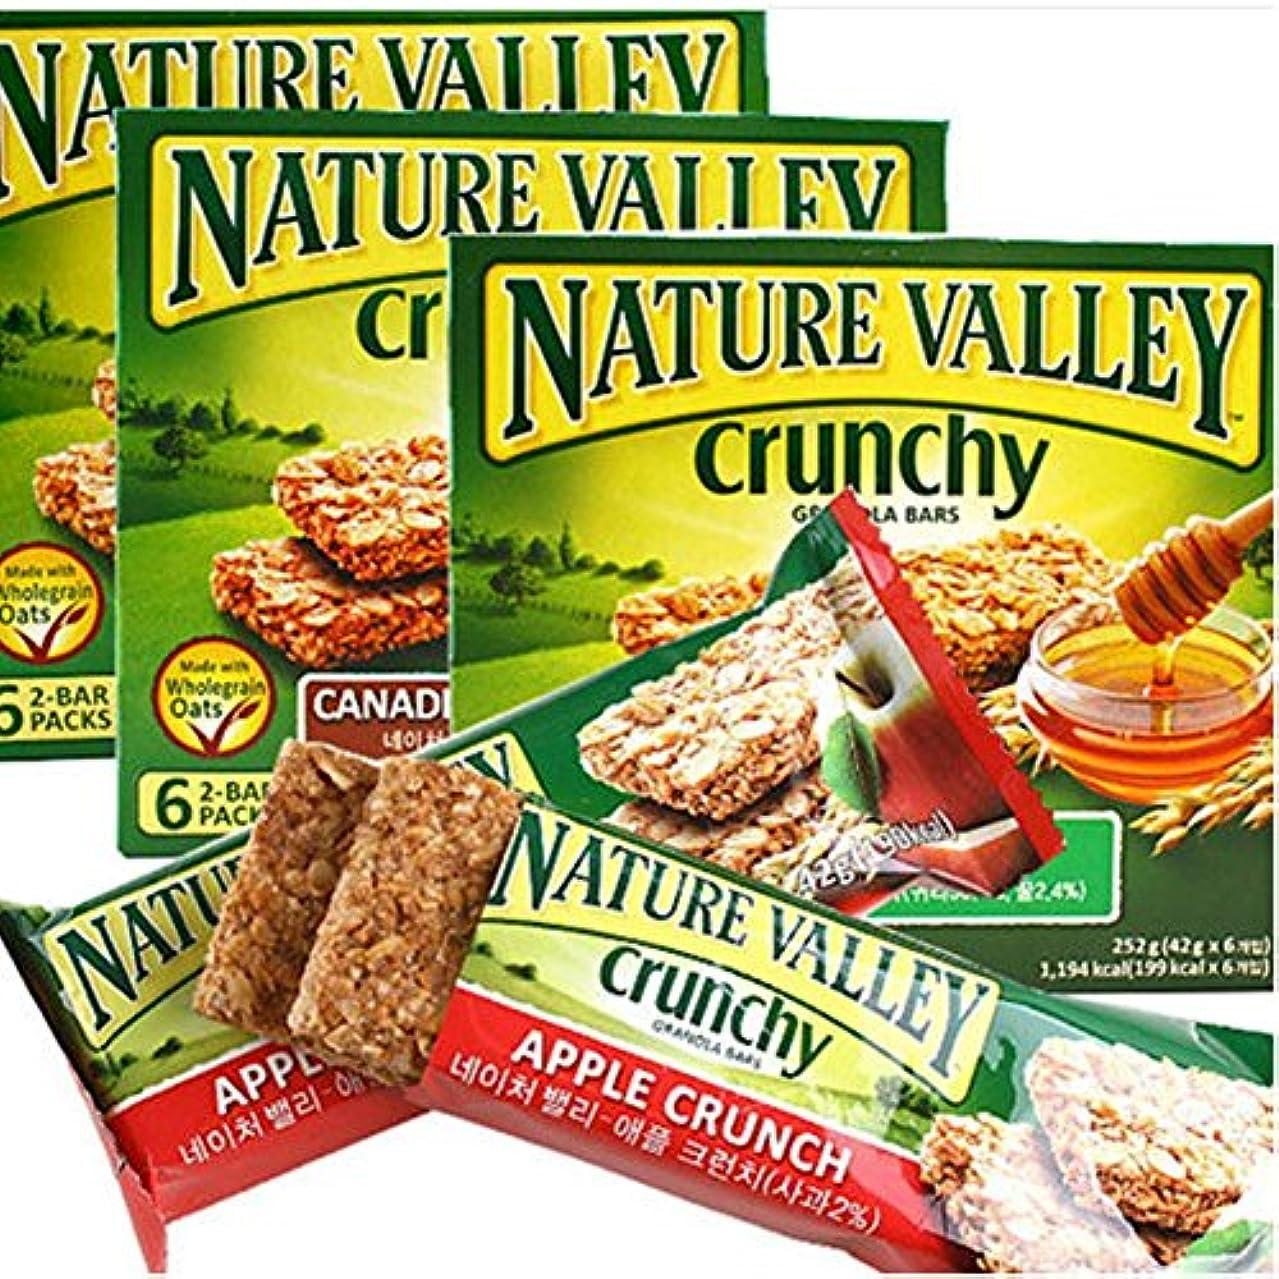 スチュアート島生態学見ました[ネイチャーバレー/Nature Valley] OATS&HONEY SYRUP/ネイチャーバレークランチグラノーラバー42g5パックx3 Box - 大津?アンド?ハニーシロップ(合計15袋)穀物バー/シリアル/栄養...